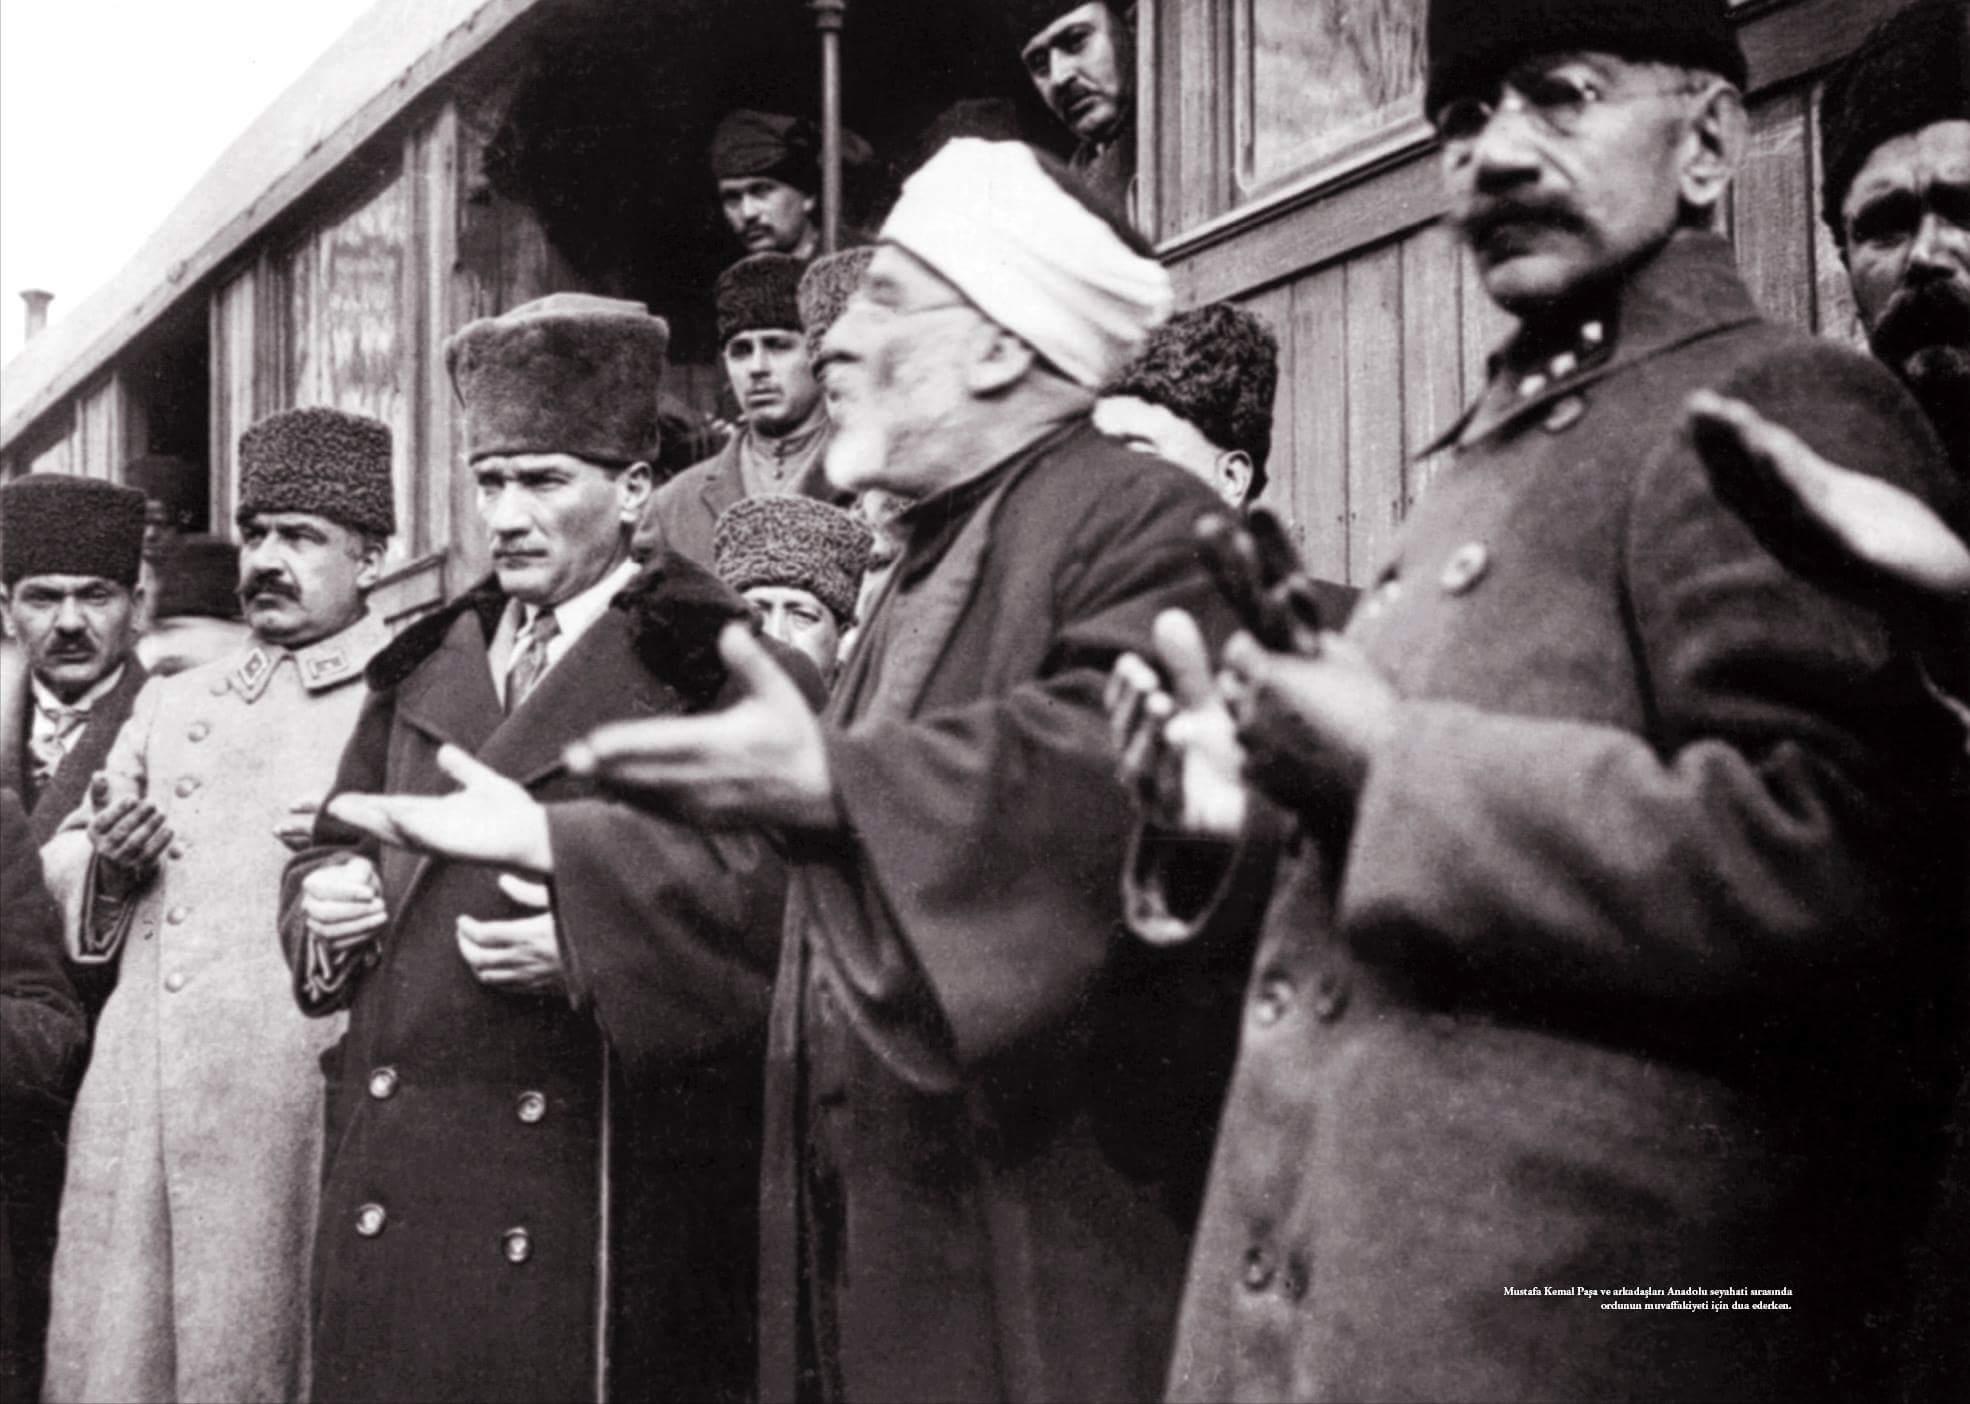 """Atatürk'ün """"Din Karşıtı!"""" Olduğunu Savunan: İSLAMCILARIN, ULUSALCILARIN VE SAĞCILARIN KAYPAK AYARLARI VE ORTAK AMAÇLARI"""